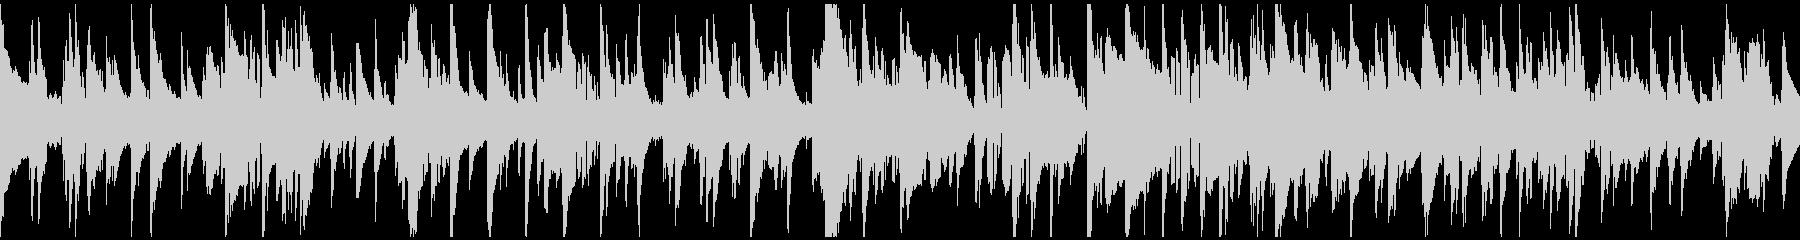 渋いサックス哀愁ジャズバラード※ループ版の未再生の波形